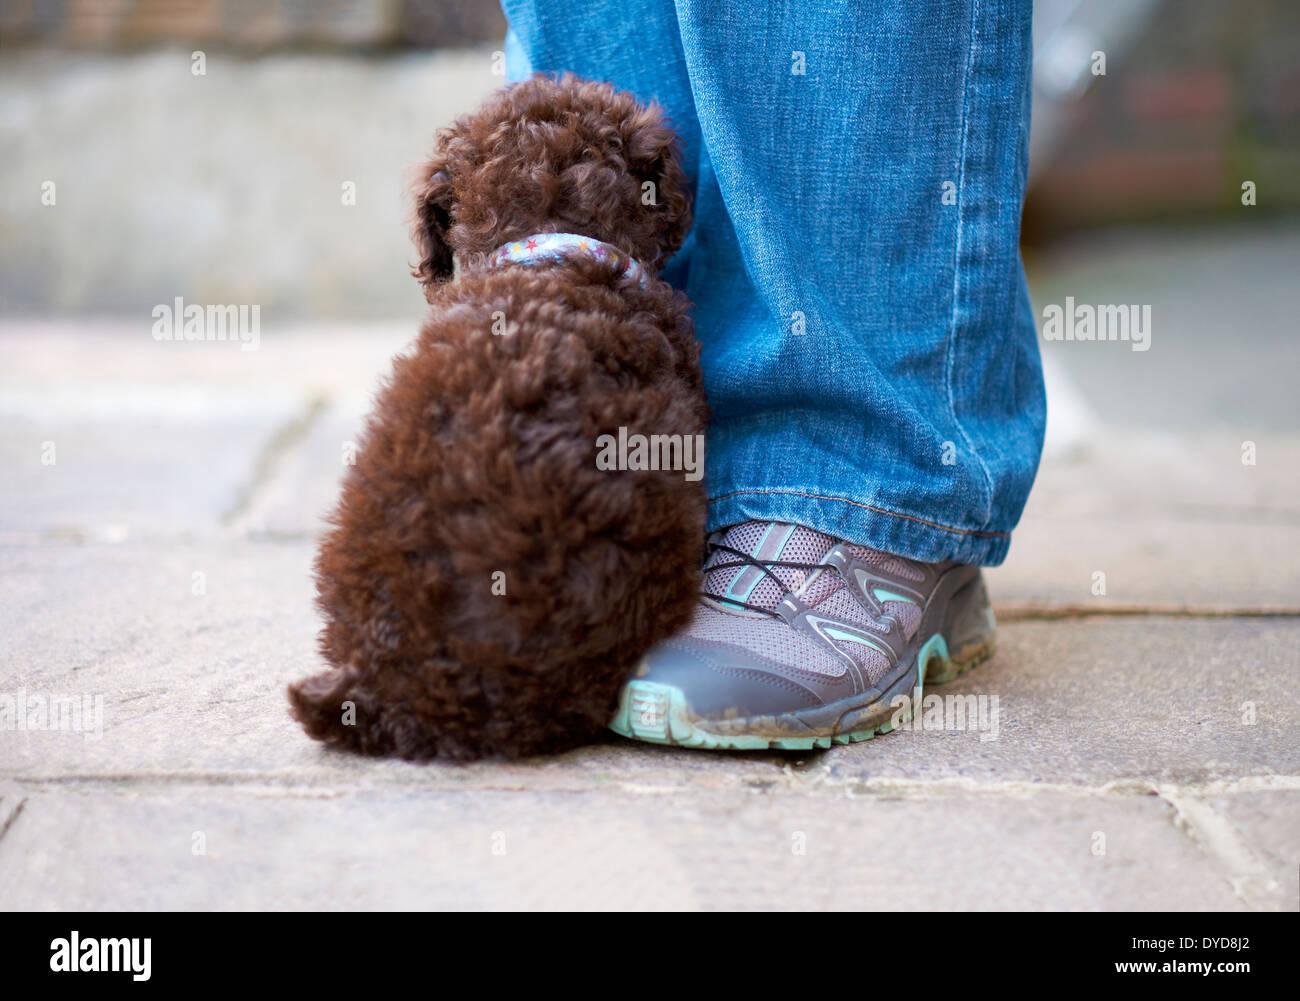 Un timido miniatura barboncino seduto da esso i proprietari della gamba al di fuori. Immagini Stock